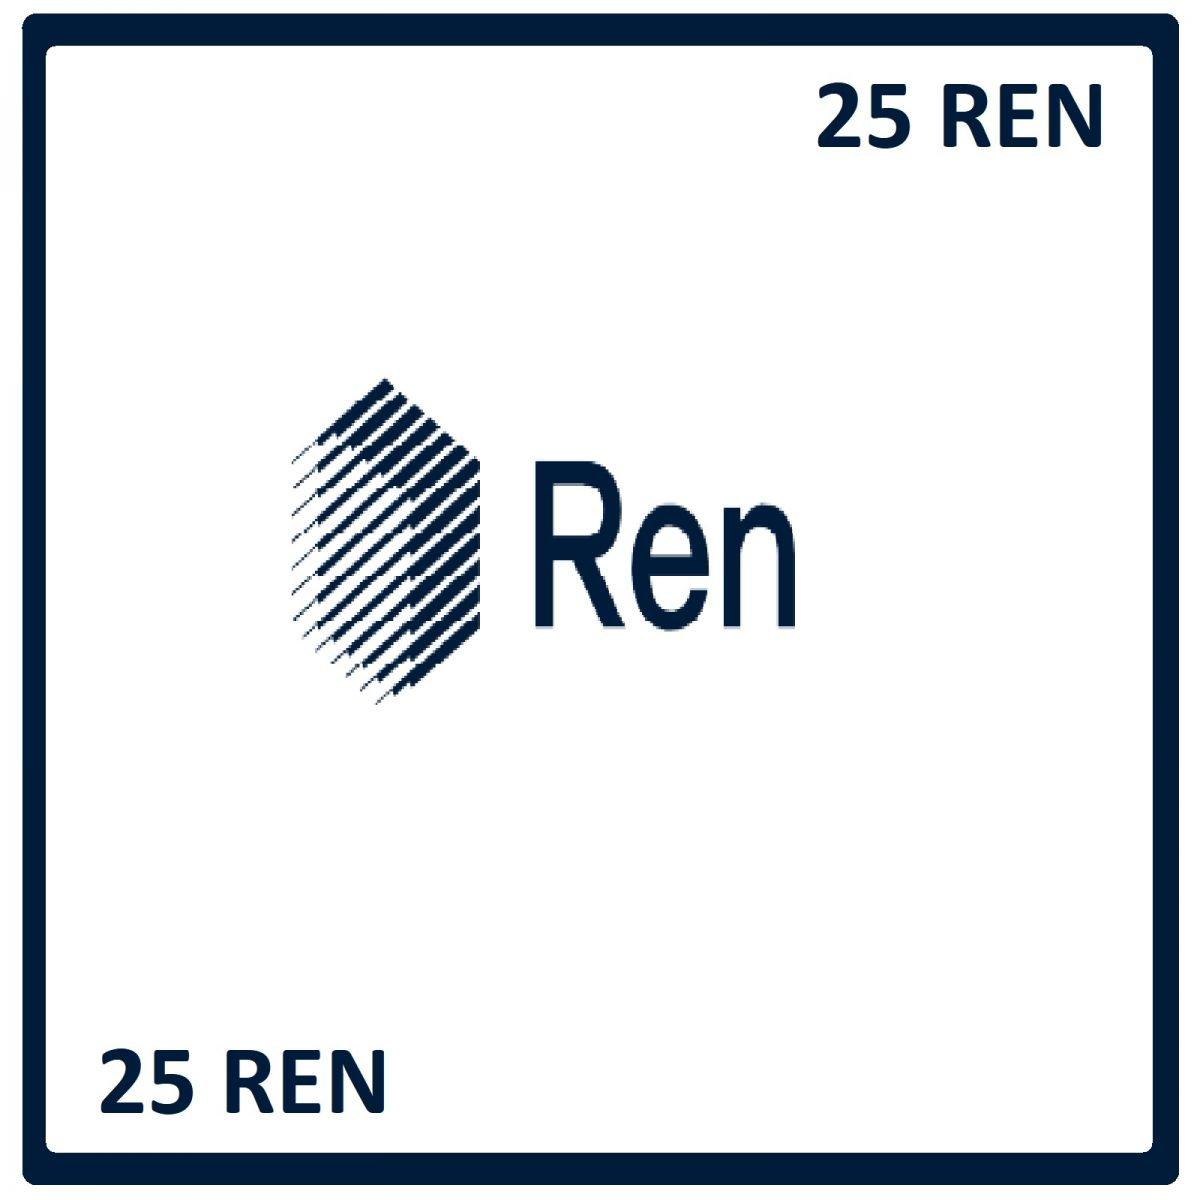 25 REN Mining Contract